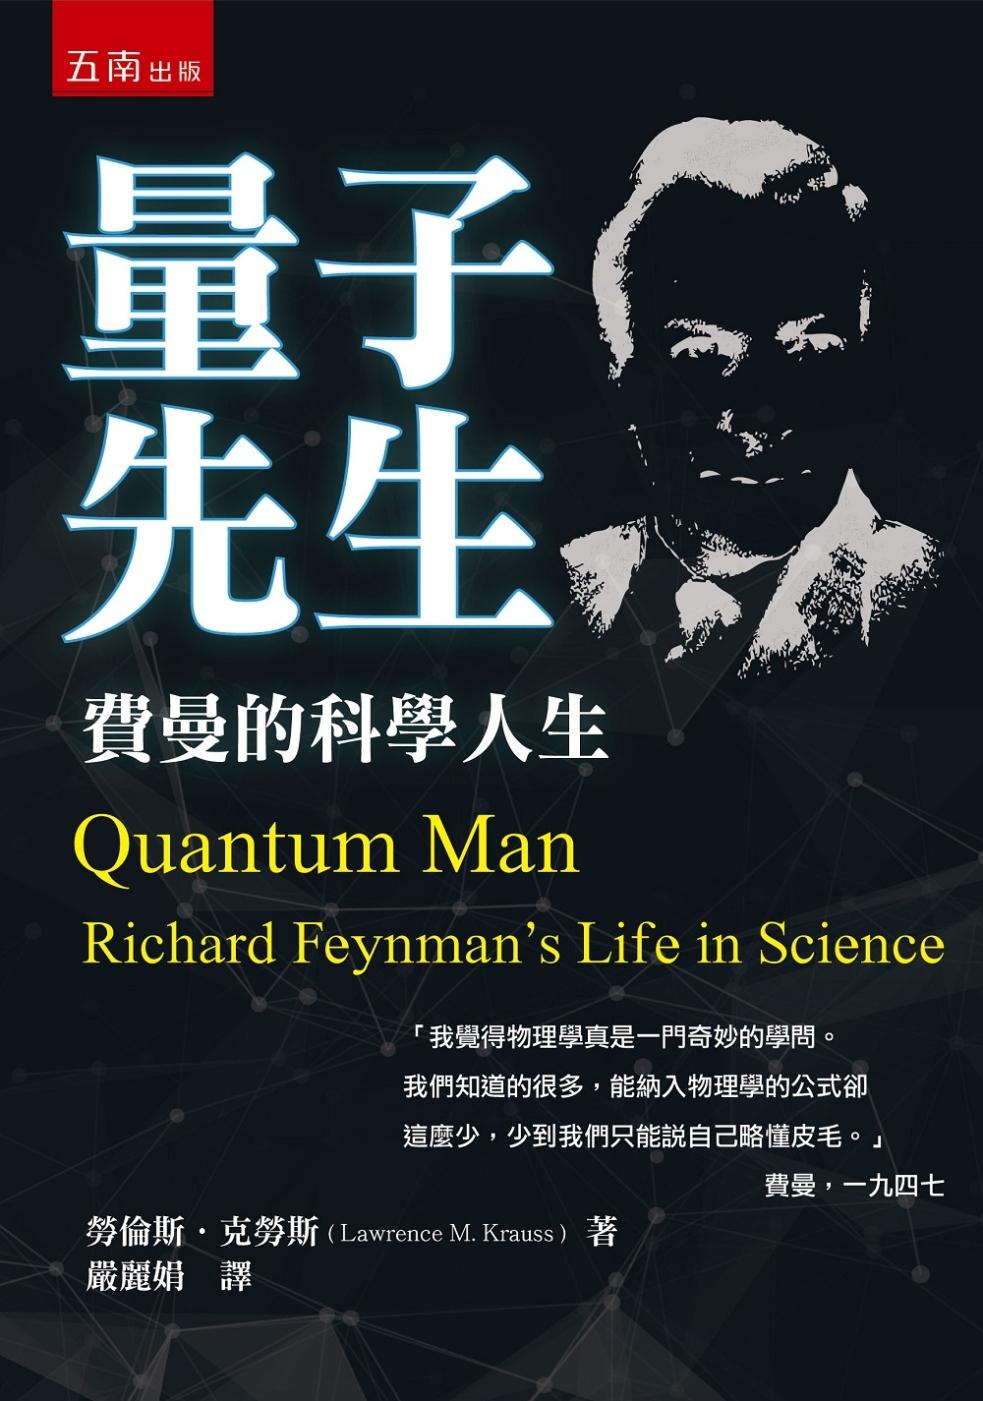 量子先生:費曼的科學人生(2版)